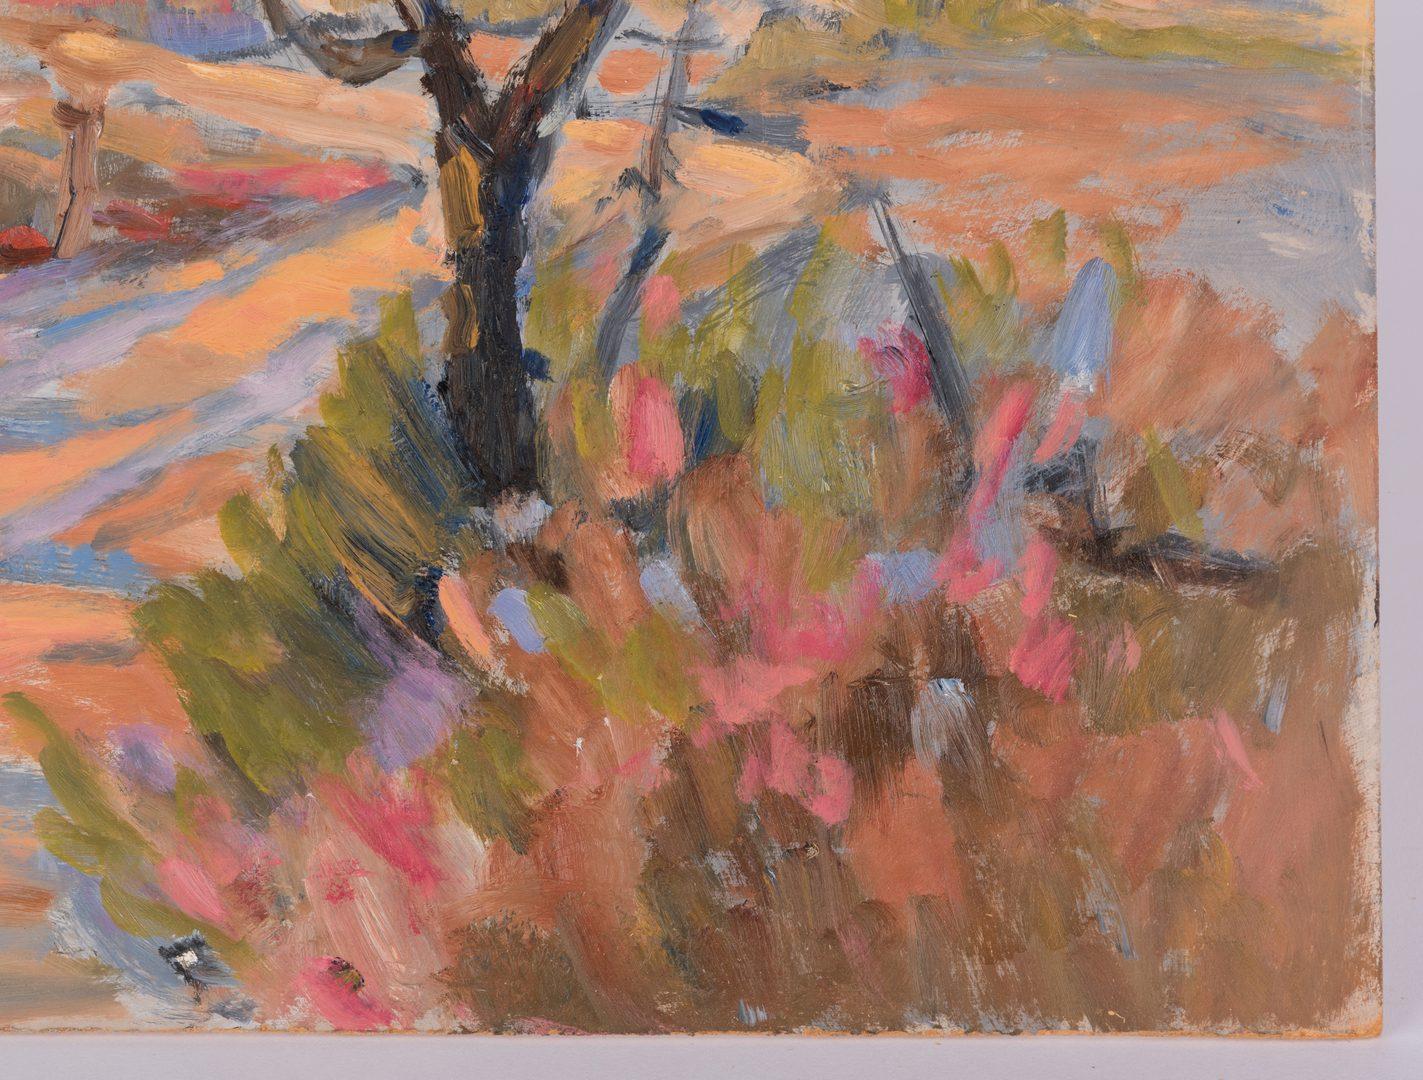 Lot 629: Earline Barnes Farmstead Landscape Painting